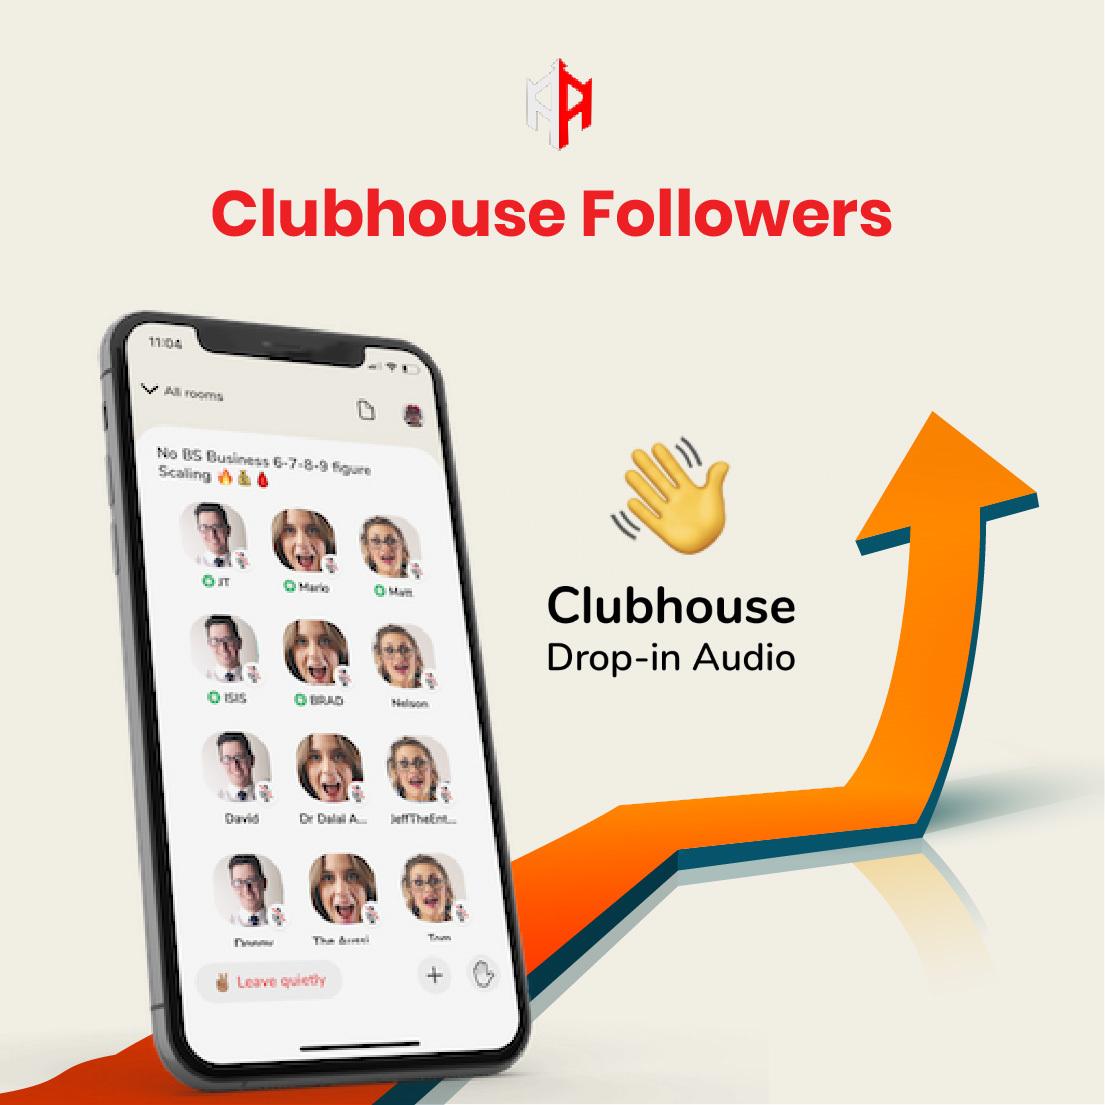 club-house-followers-01.jpg